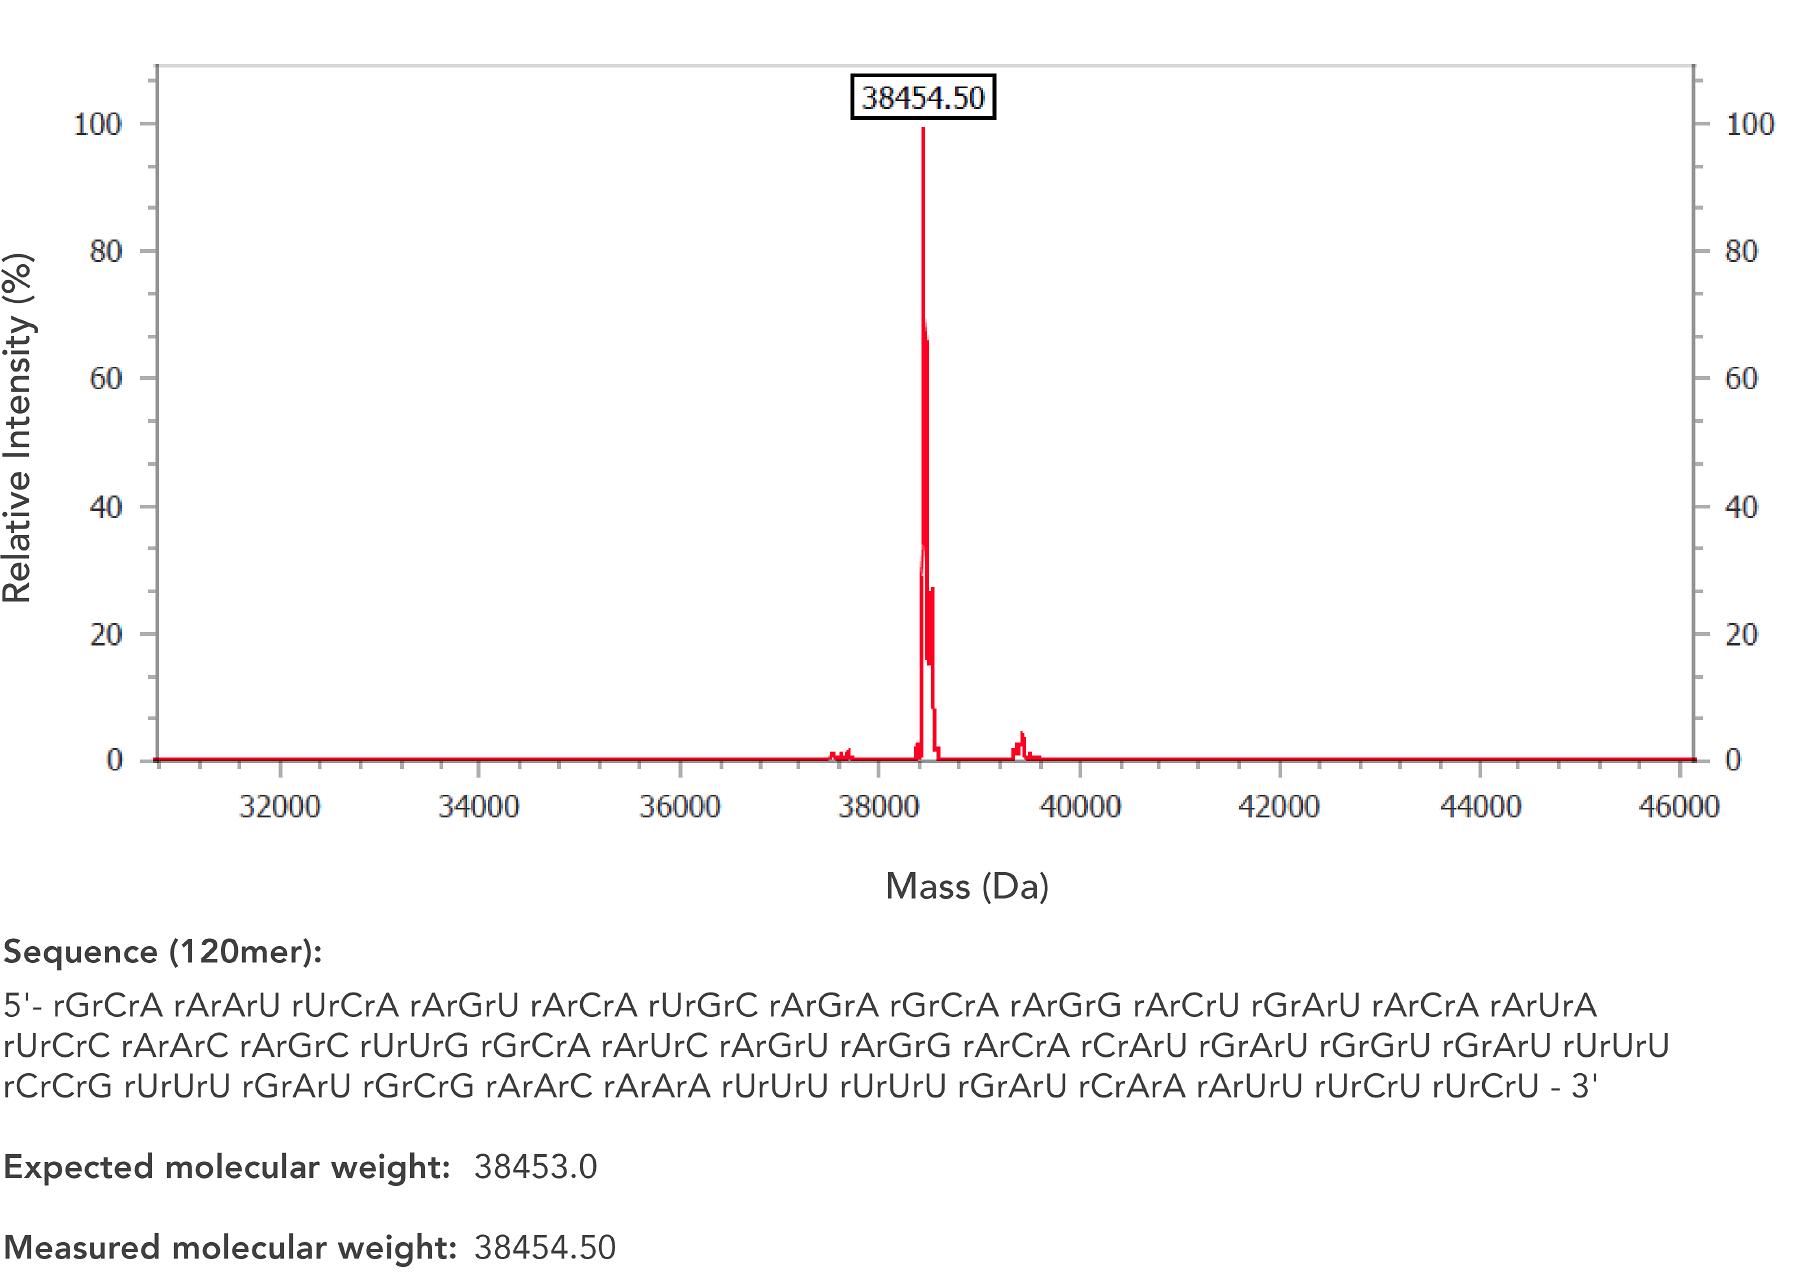 rna-ultramer-120mer